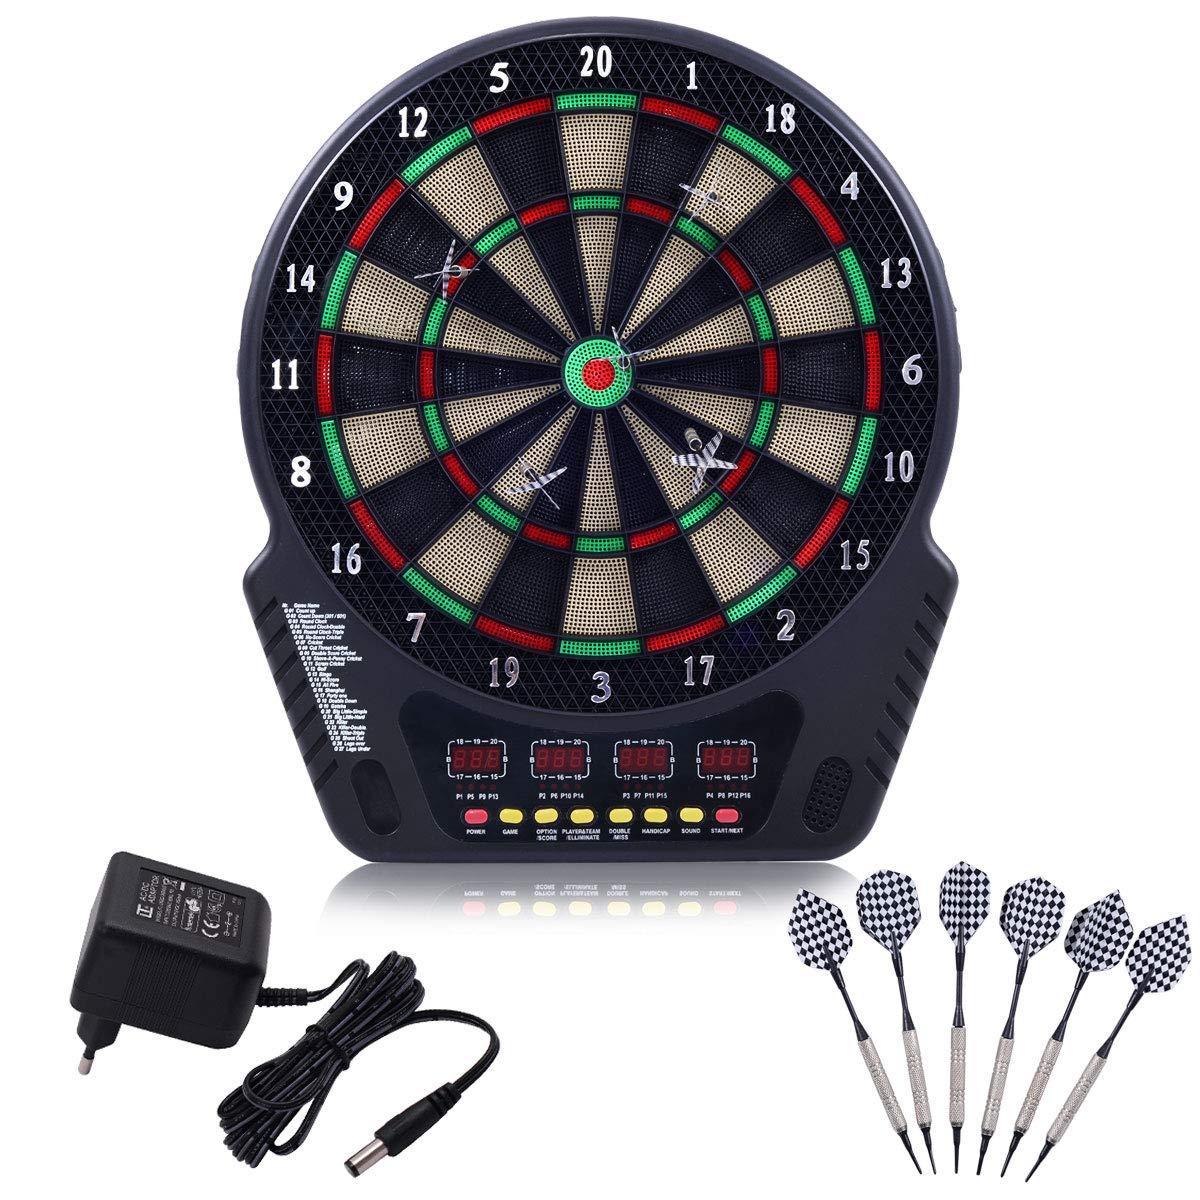 COSTWAY Elektronische Dartscheibe Dartboard Dartautomat LCD Dartspiel Dartpfeil + 6 Pfeile